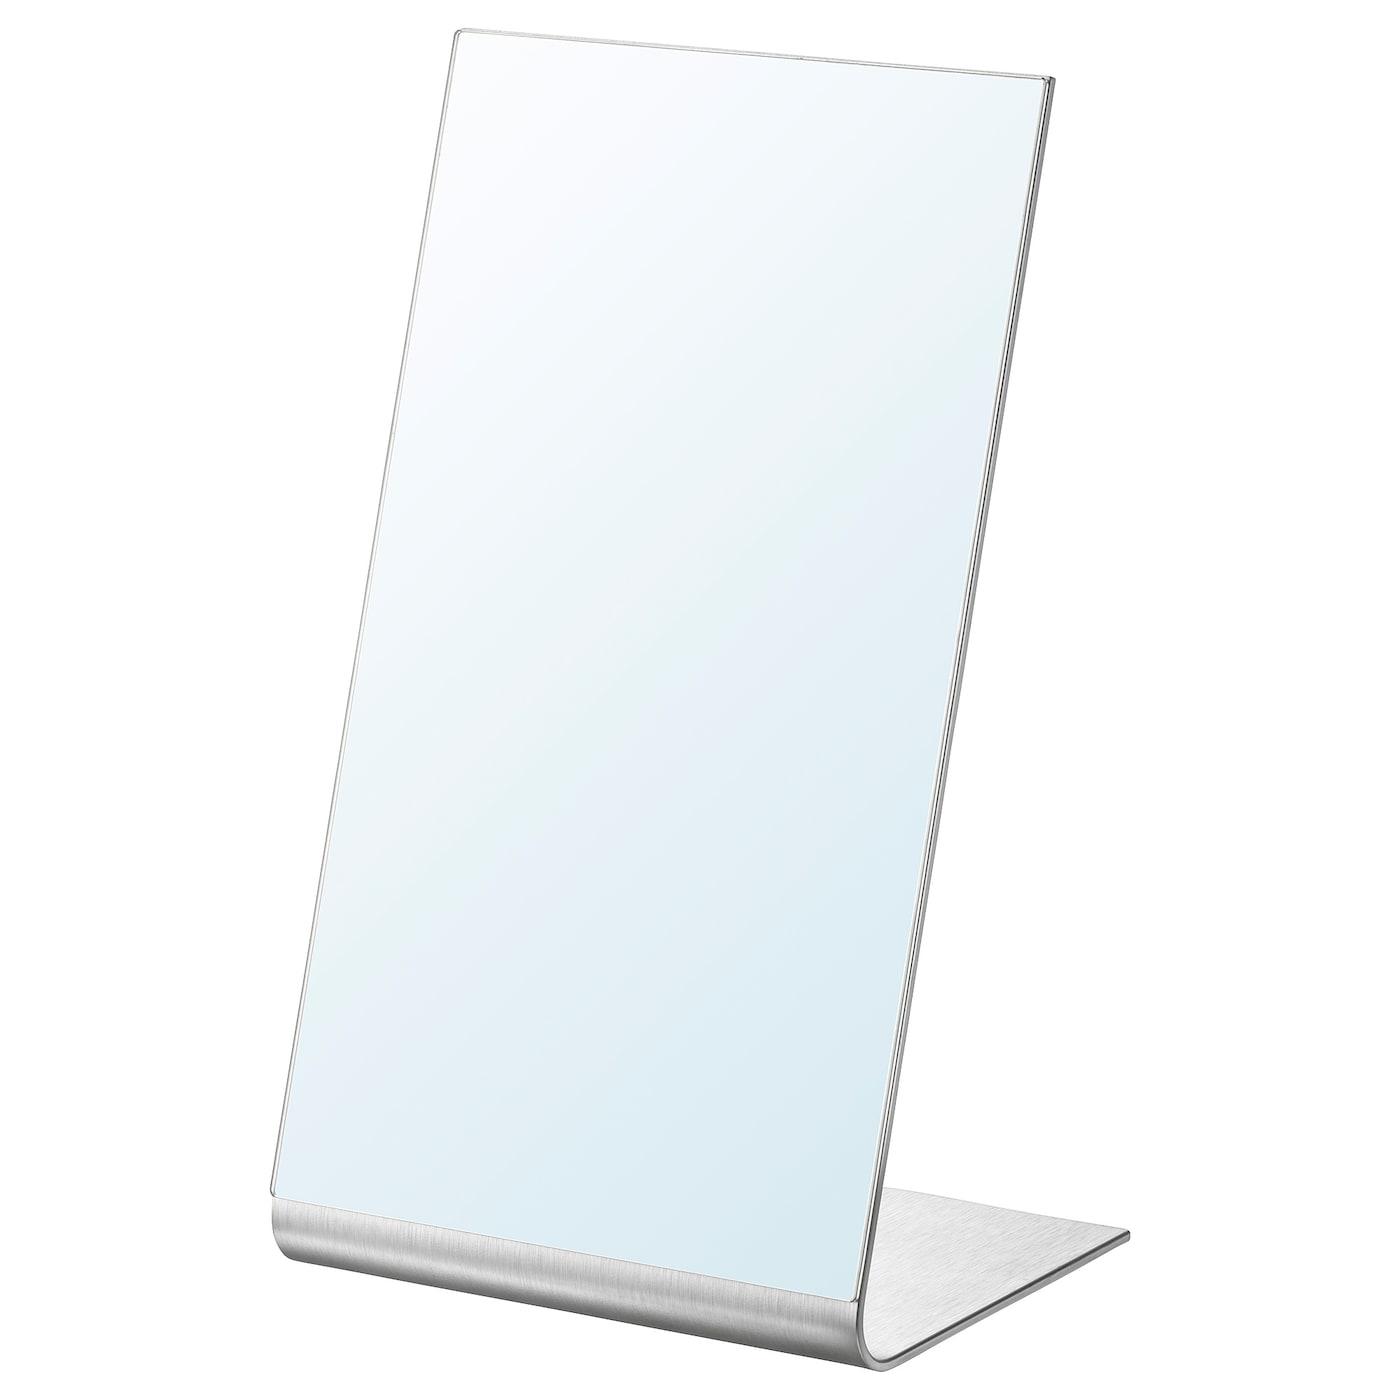 TYSNES Tischspiegel 22x39 cm